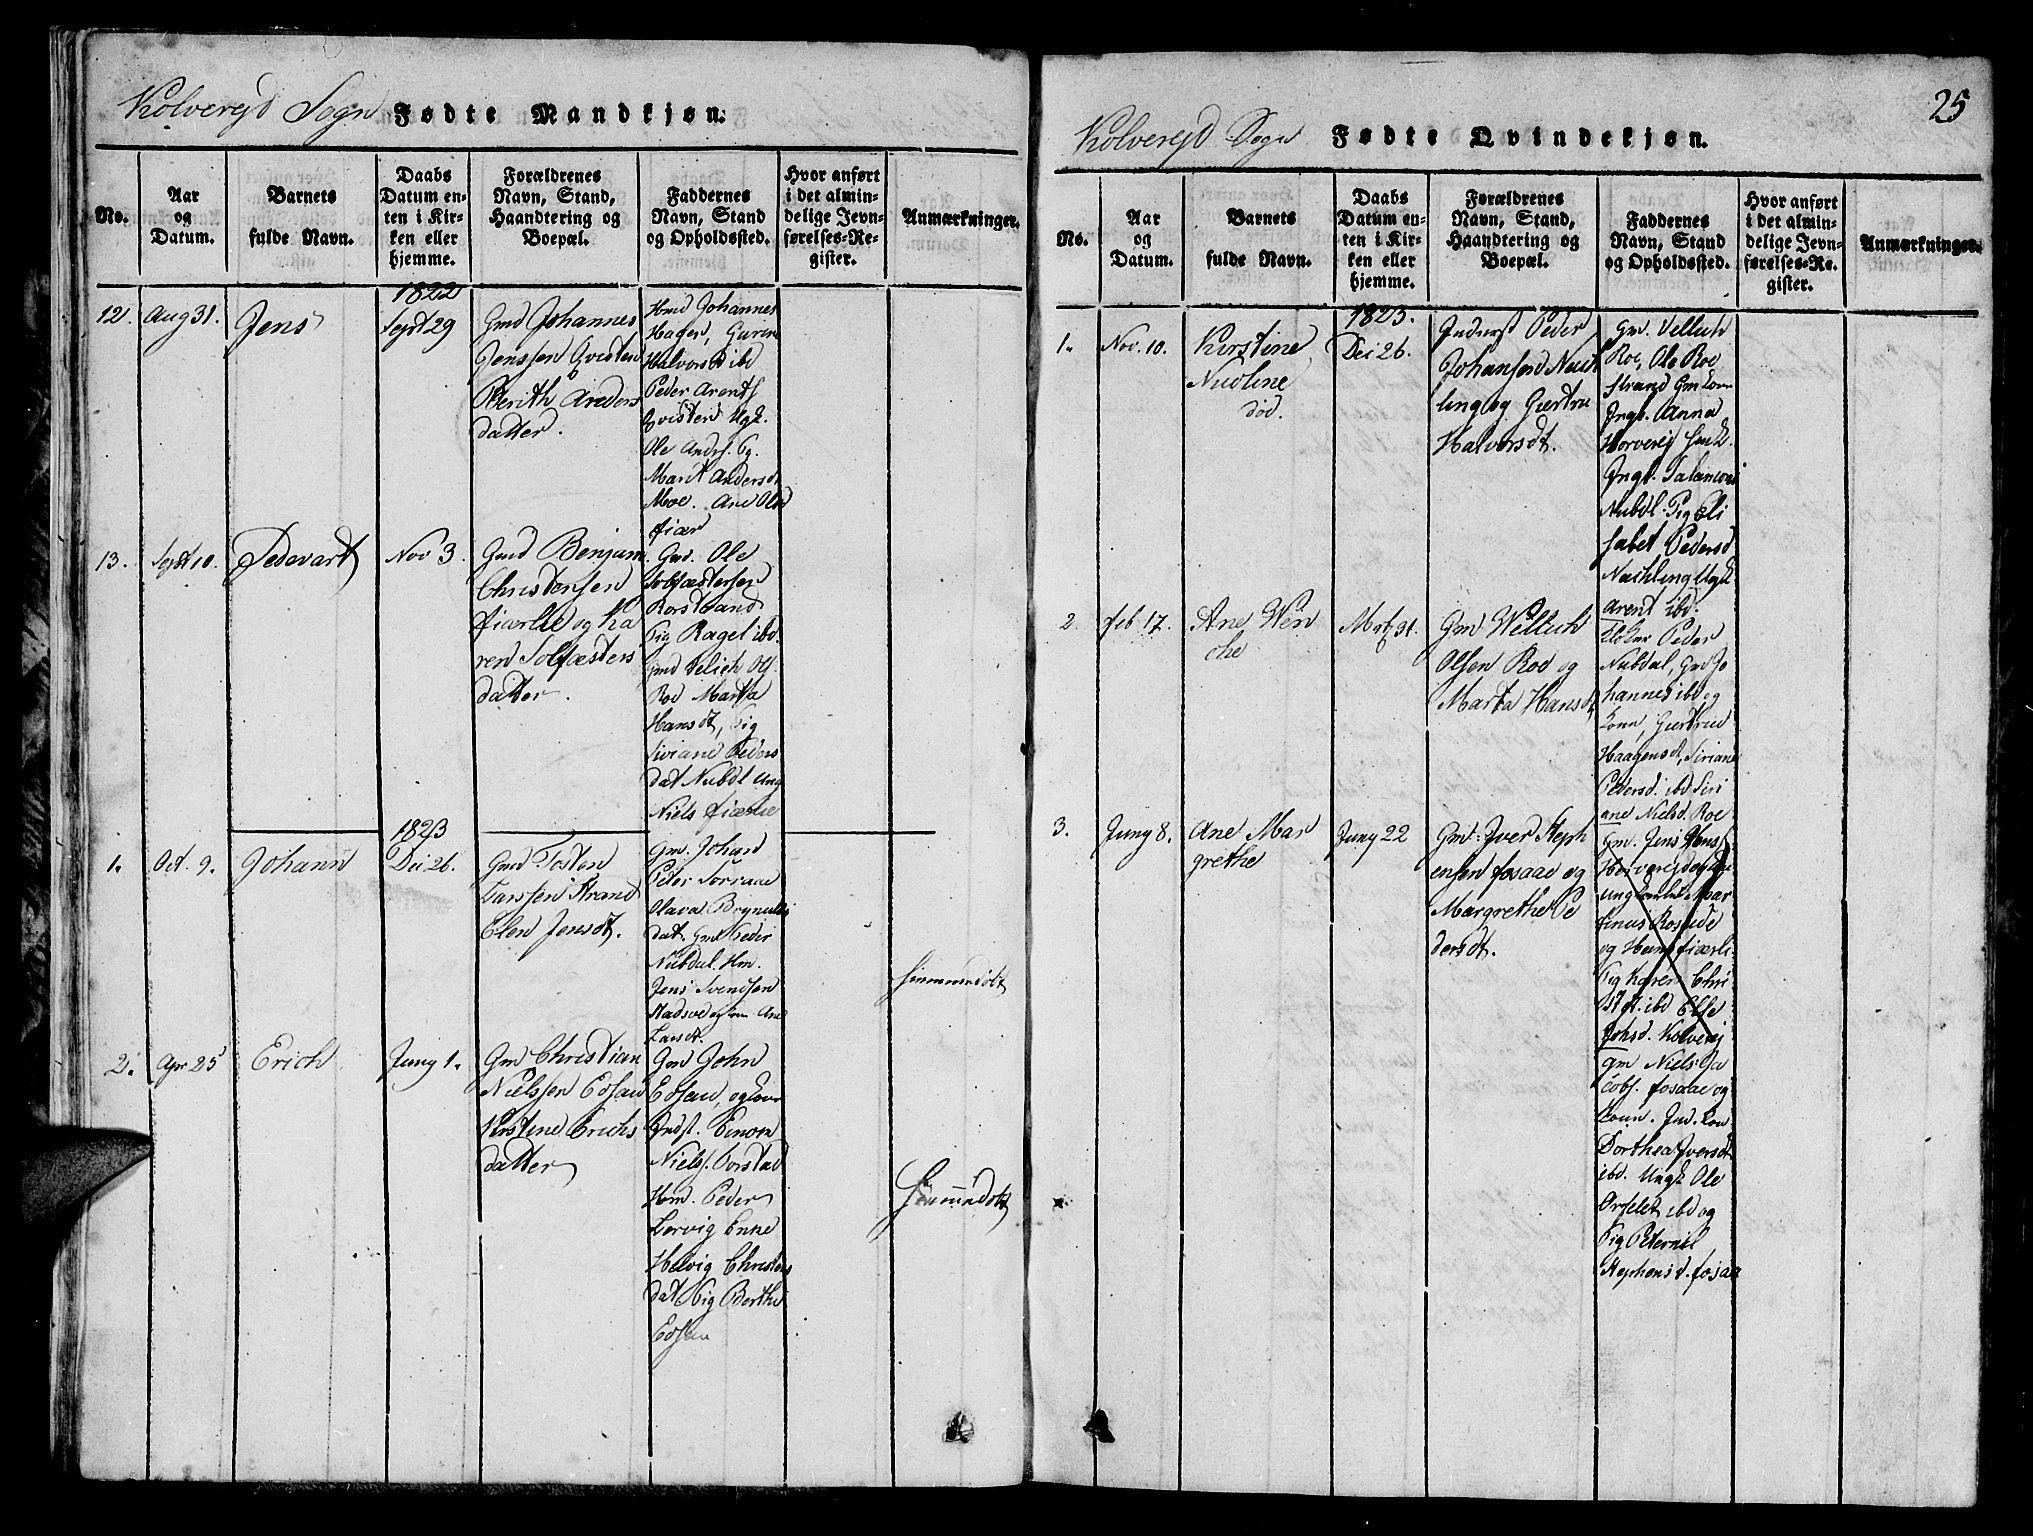 SAT, Ministerialprotokoller, klokkerbøker og fødselsregistre - Nord-Trøndelag, 780/L0648: Klokkerbok nr. 780C01 /1, 1815-1870, s. 25